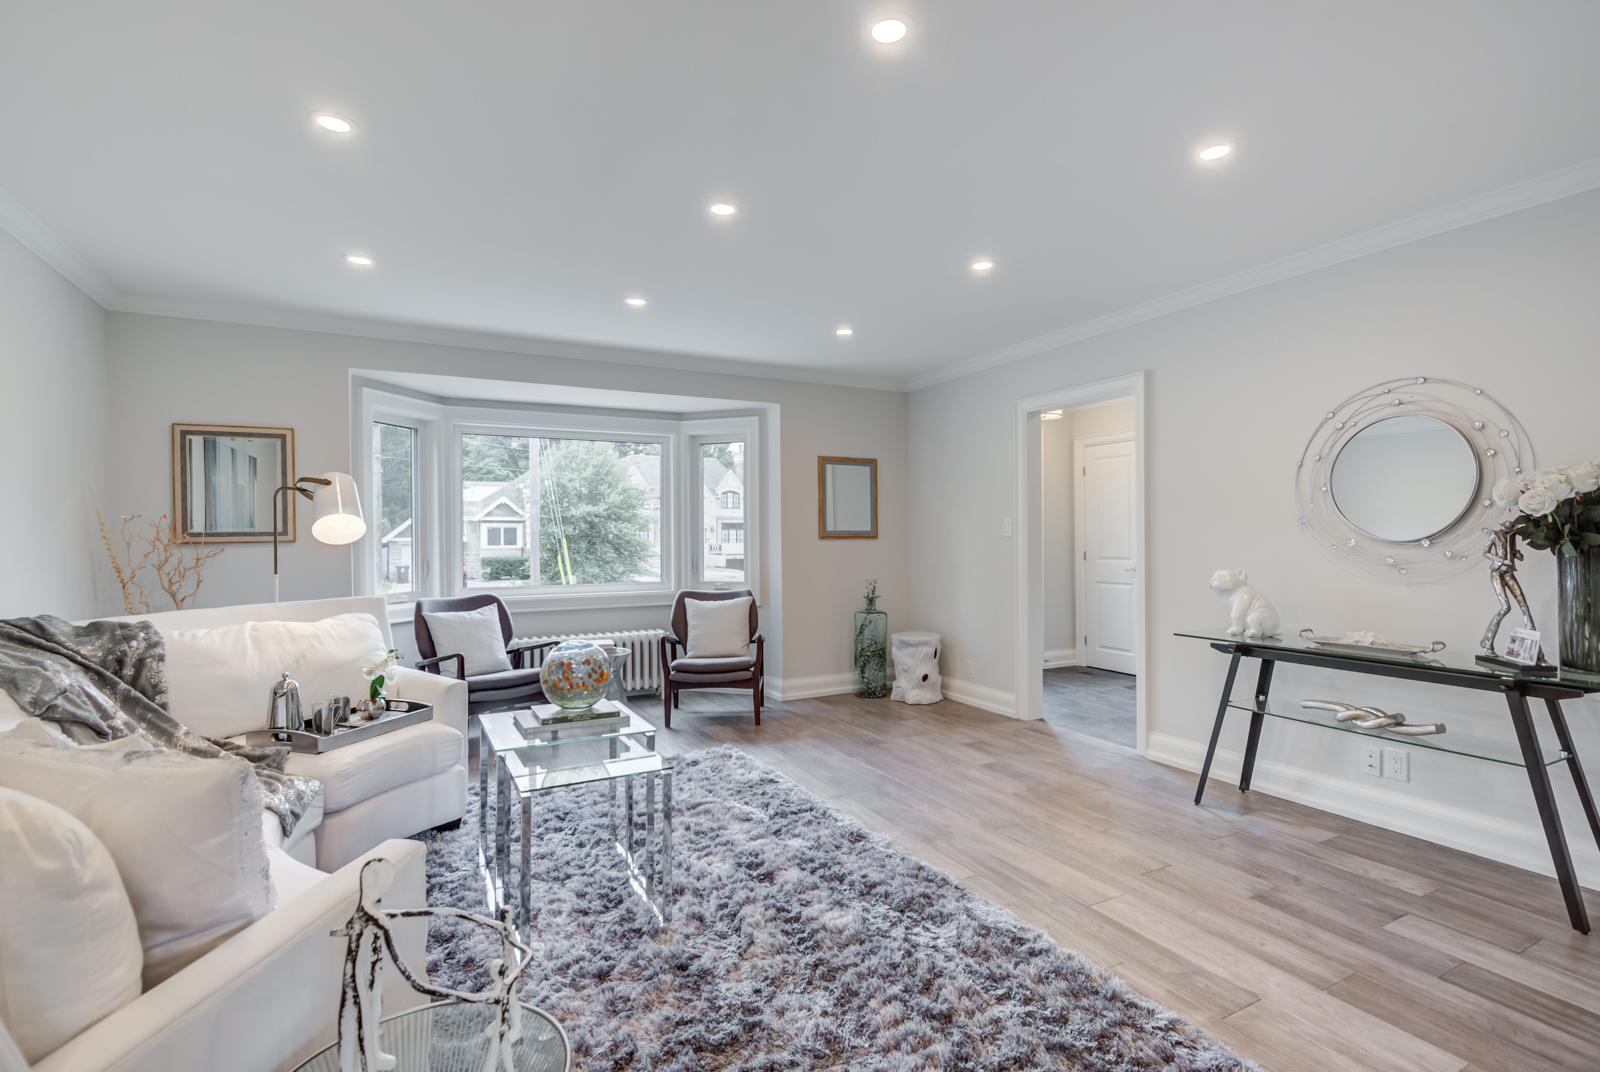 Home staging vs interior decorating vs interior design - Interior designer vs decorator ...